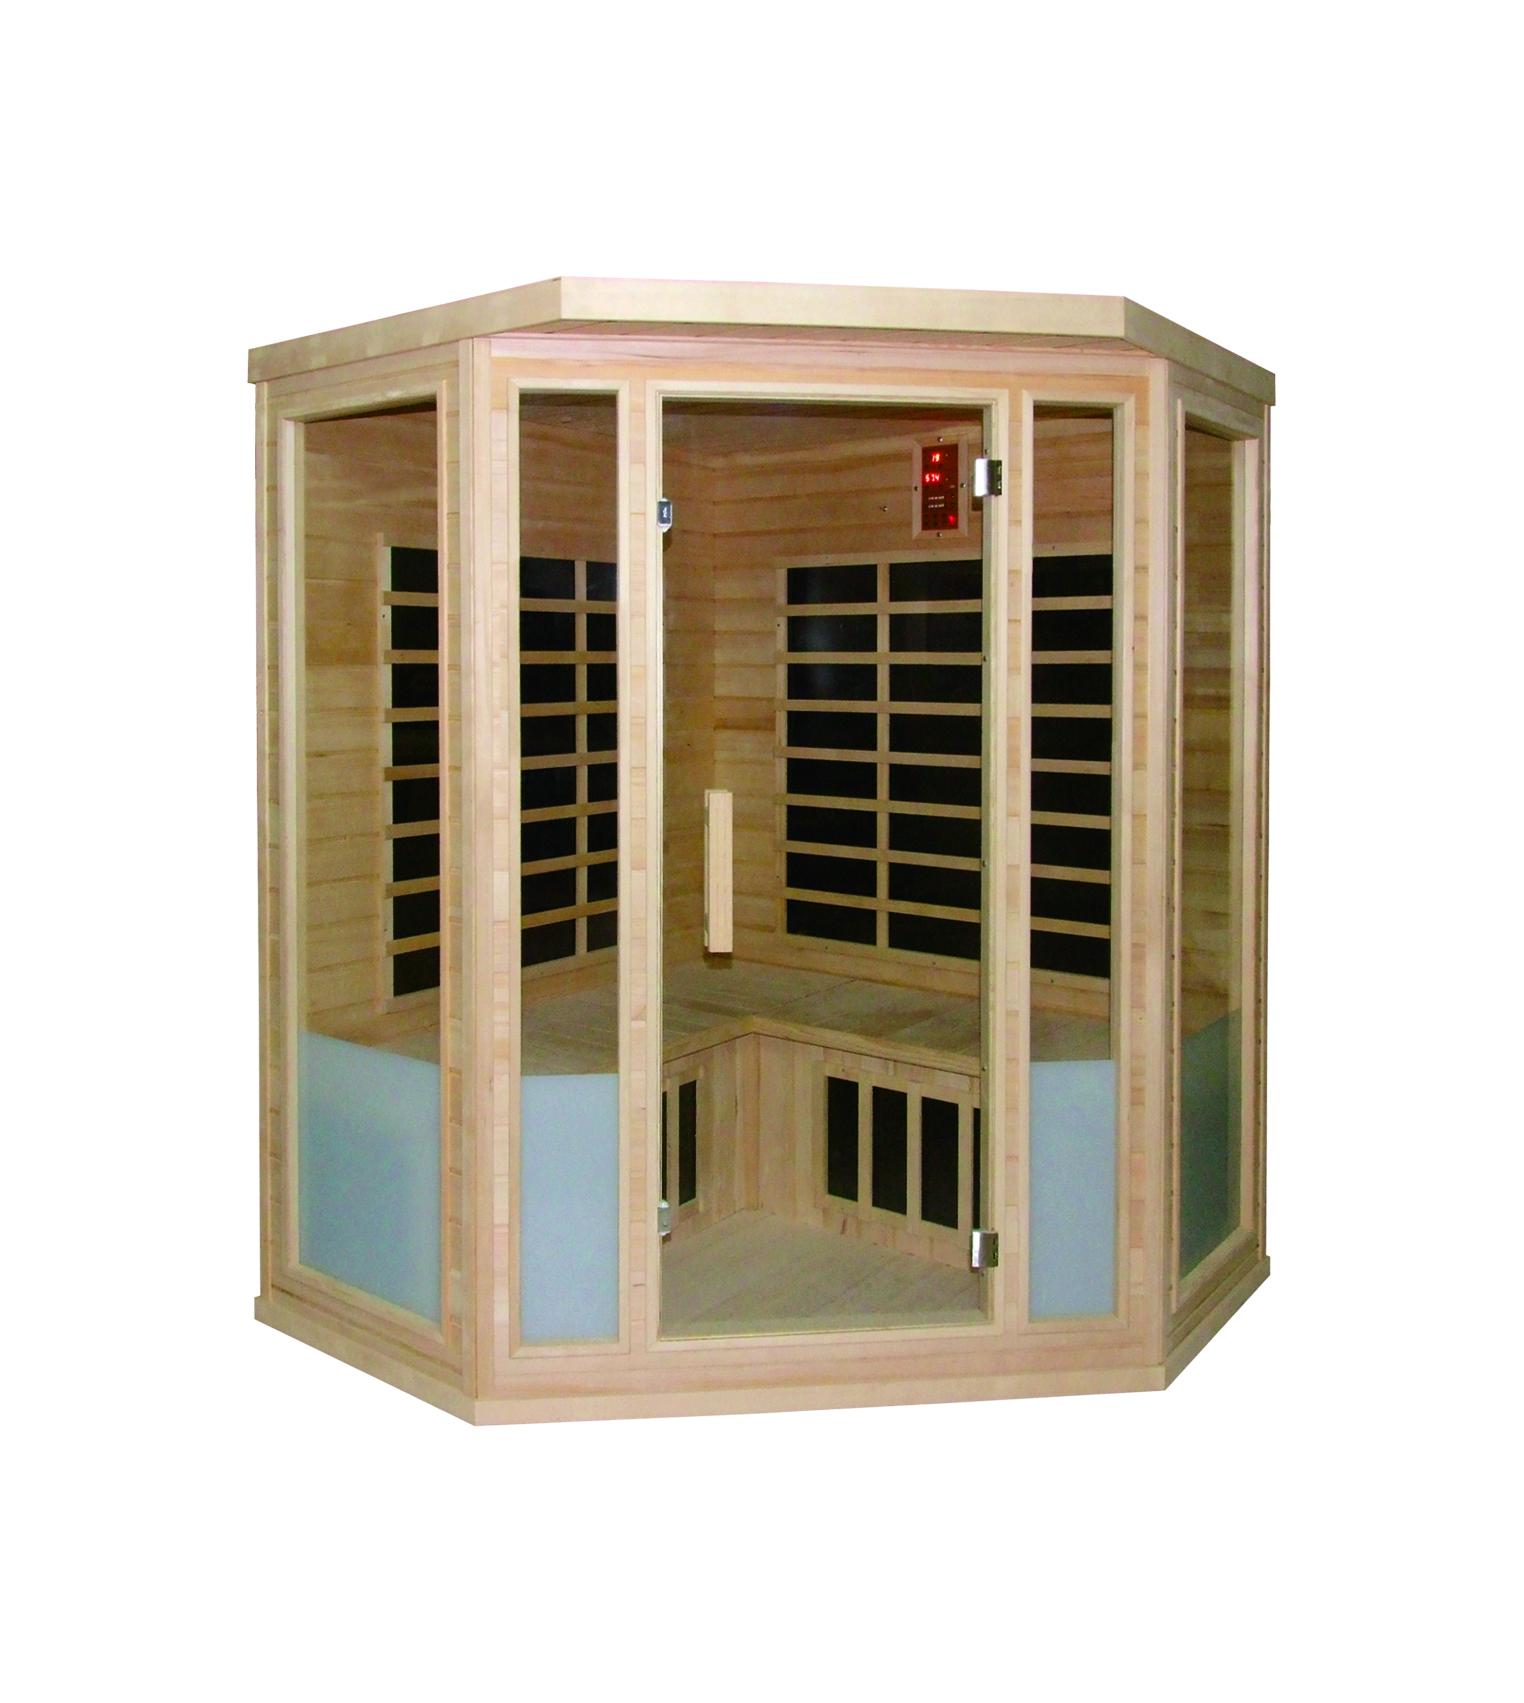 infrarotkabine vital 150x150x198 cm 4 personen infrarotkabinen mit vollspektrumstrahler. Black Bedroom Furniture Sets. Home Design Ideas